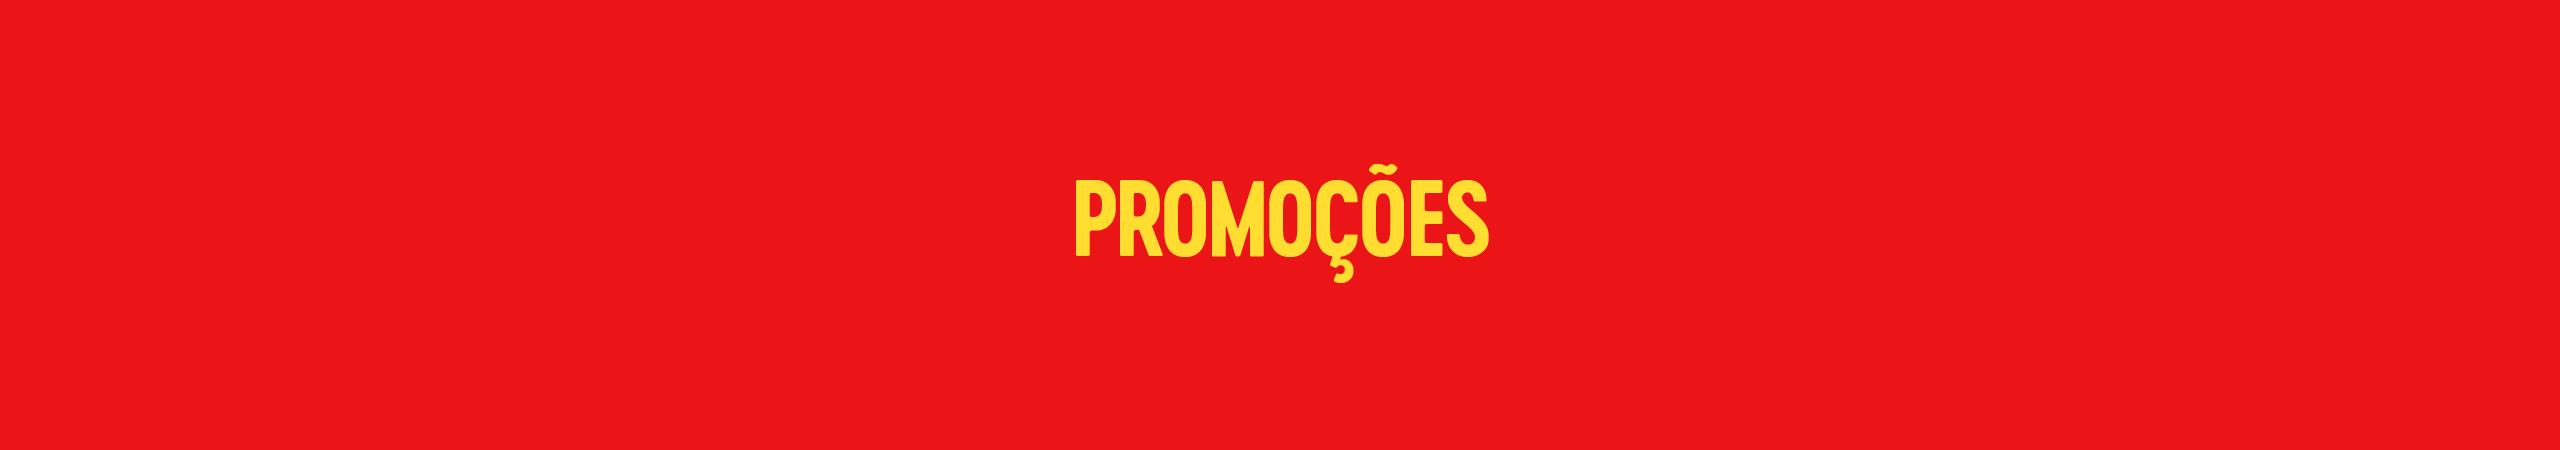 Promoções Iglo